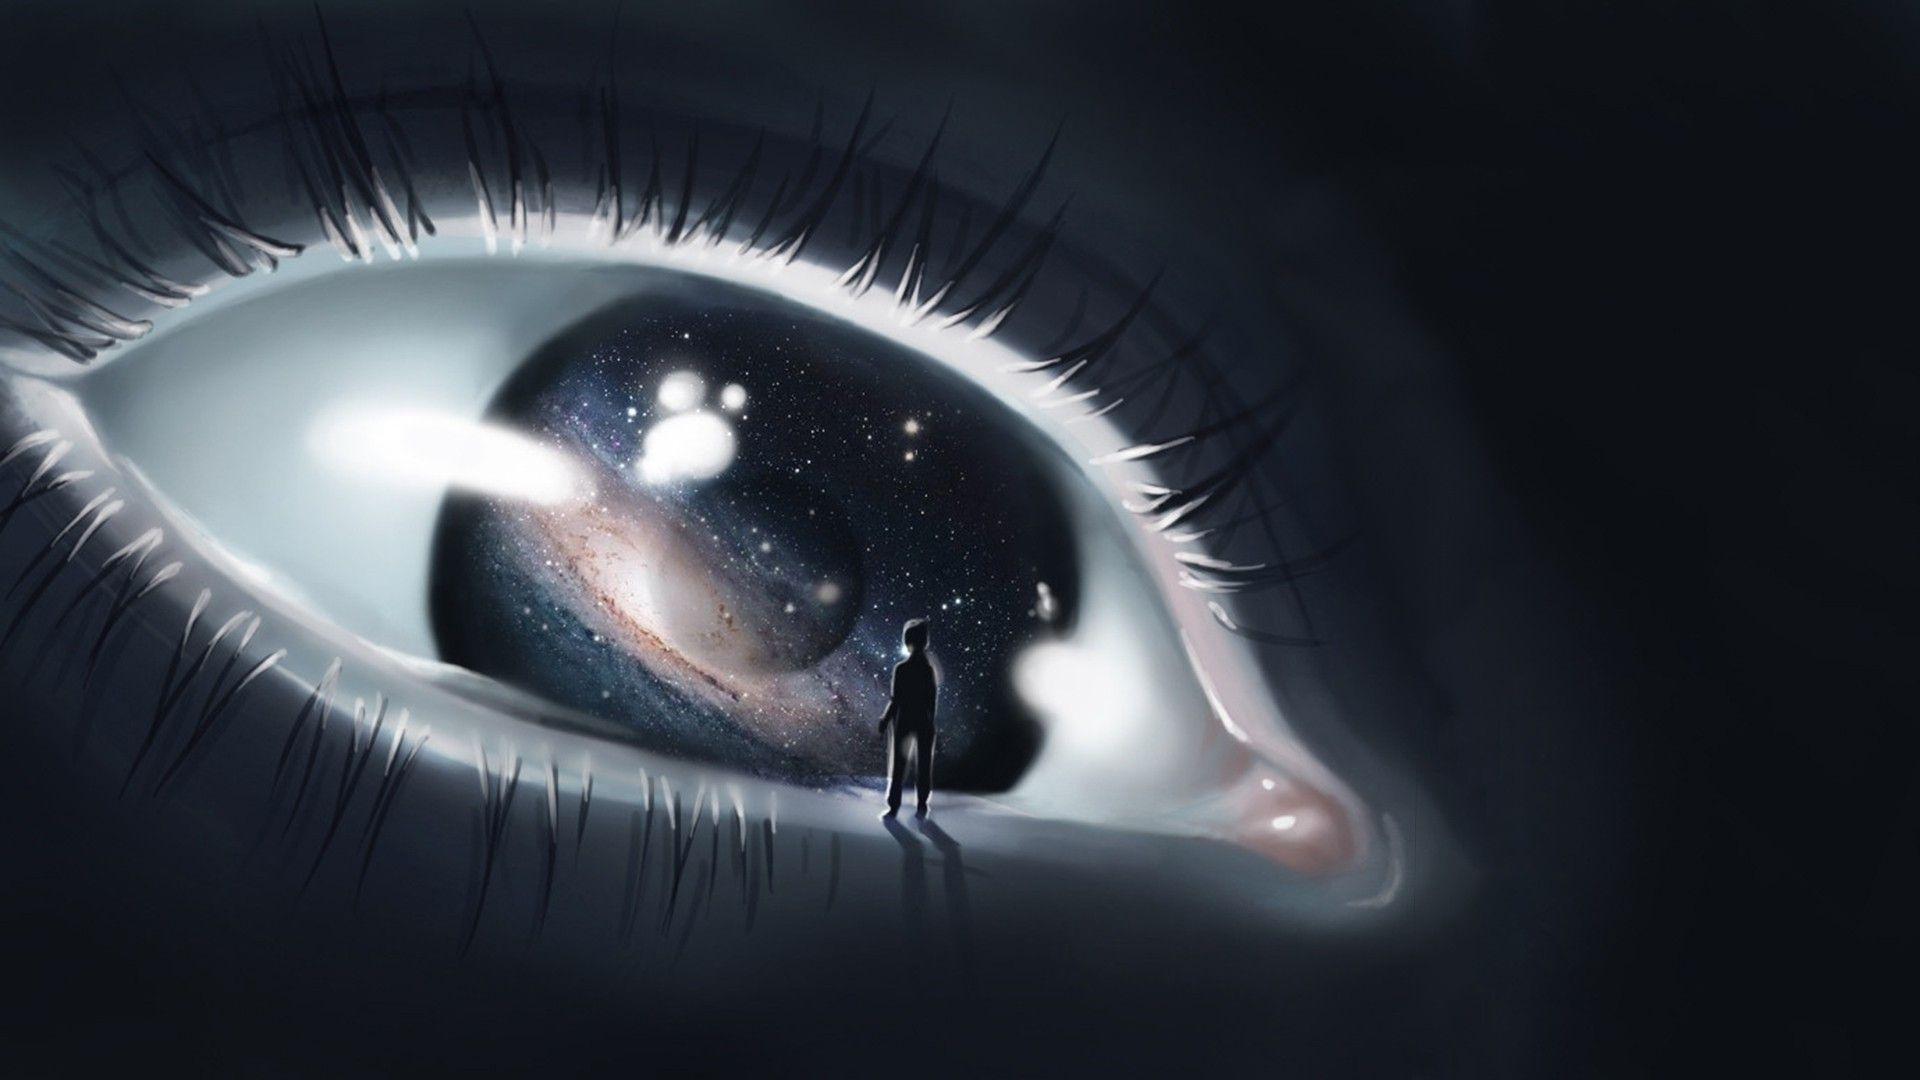 10 curiosidades que voce nao sabia sobre os seus olhos